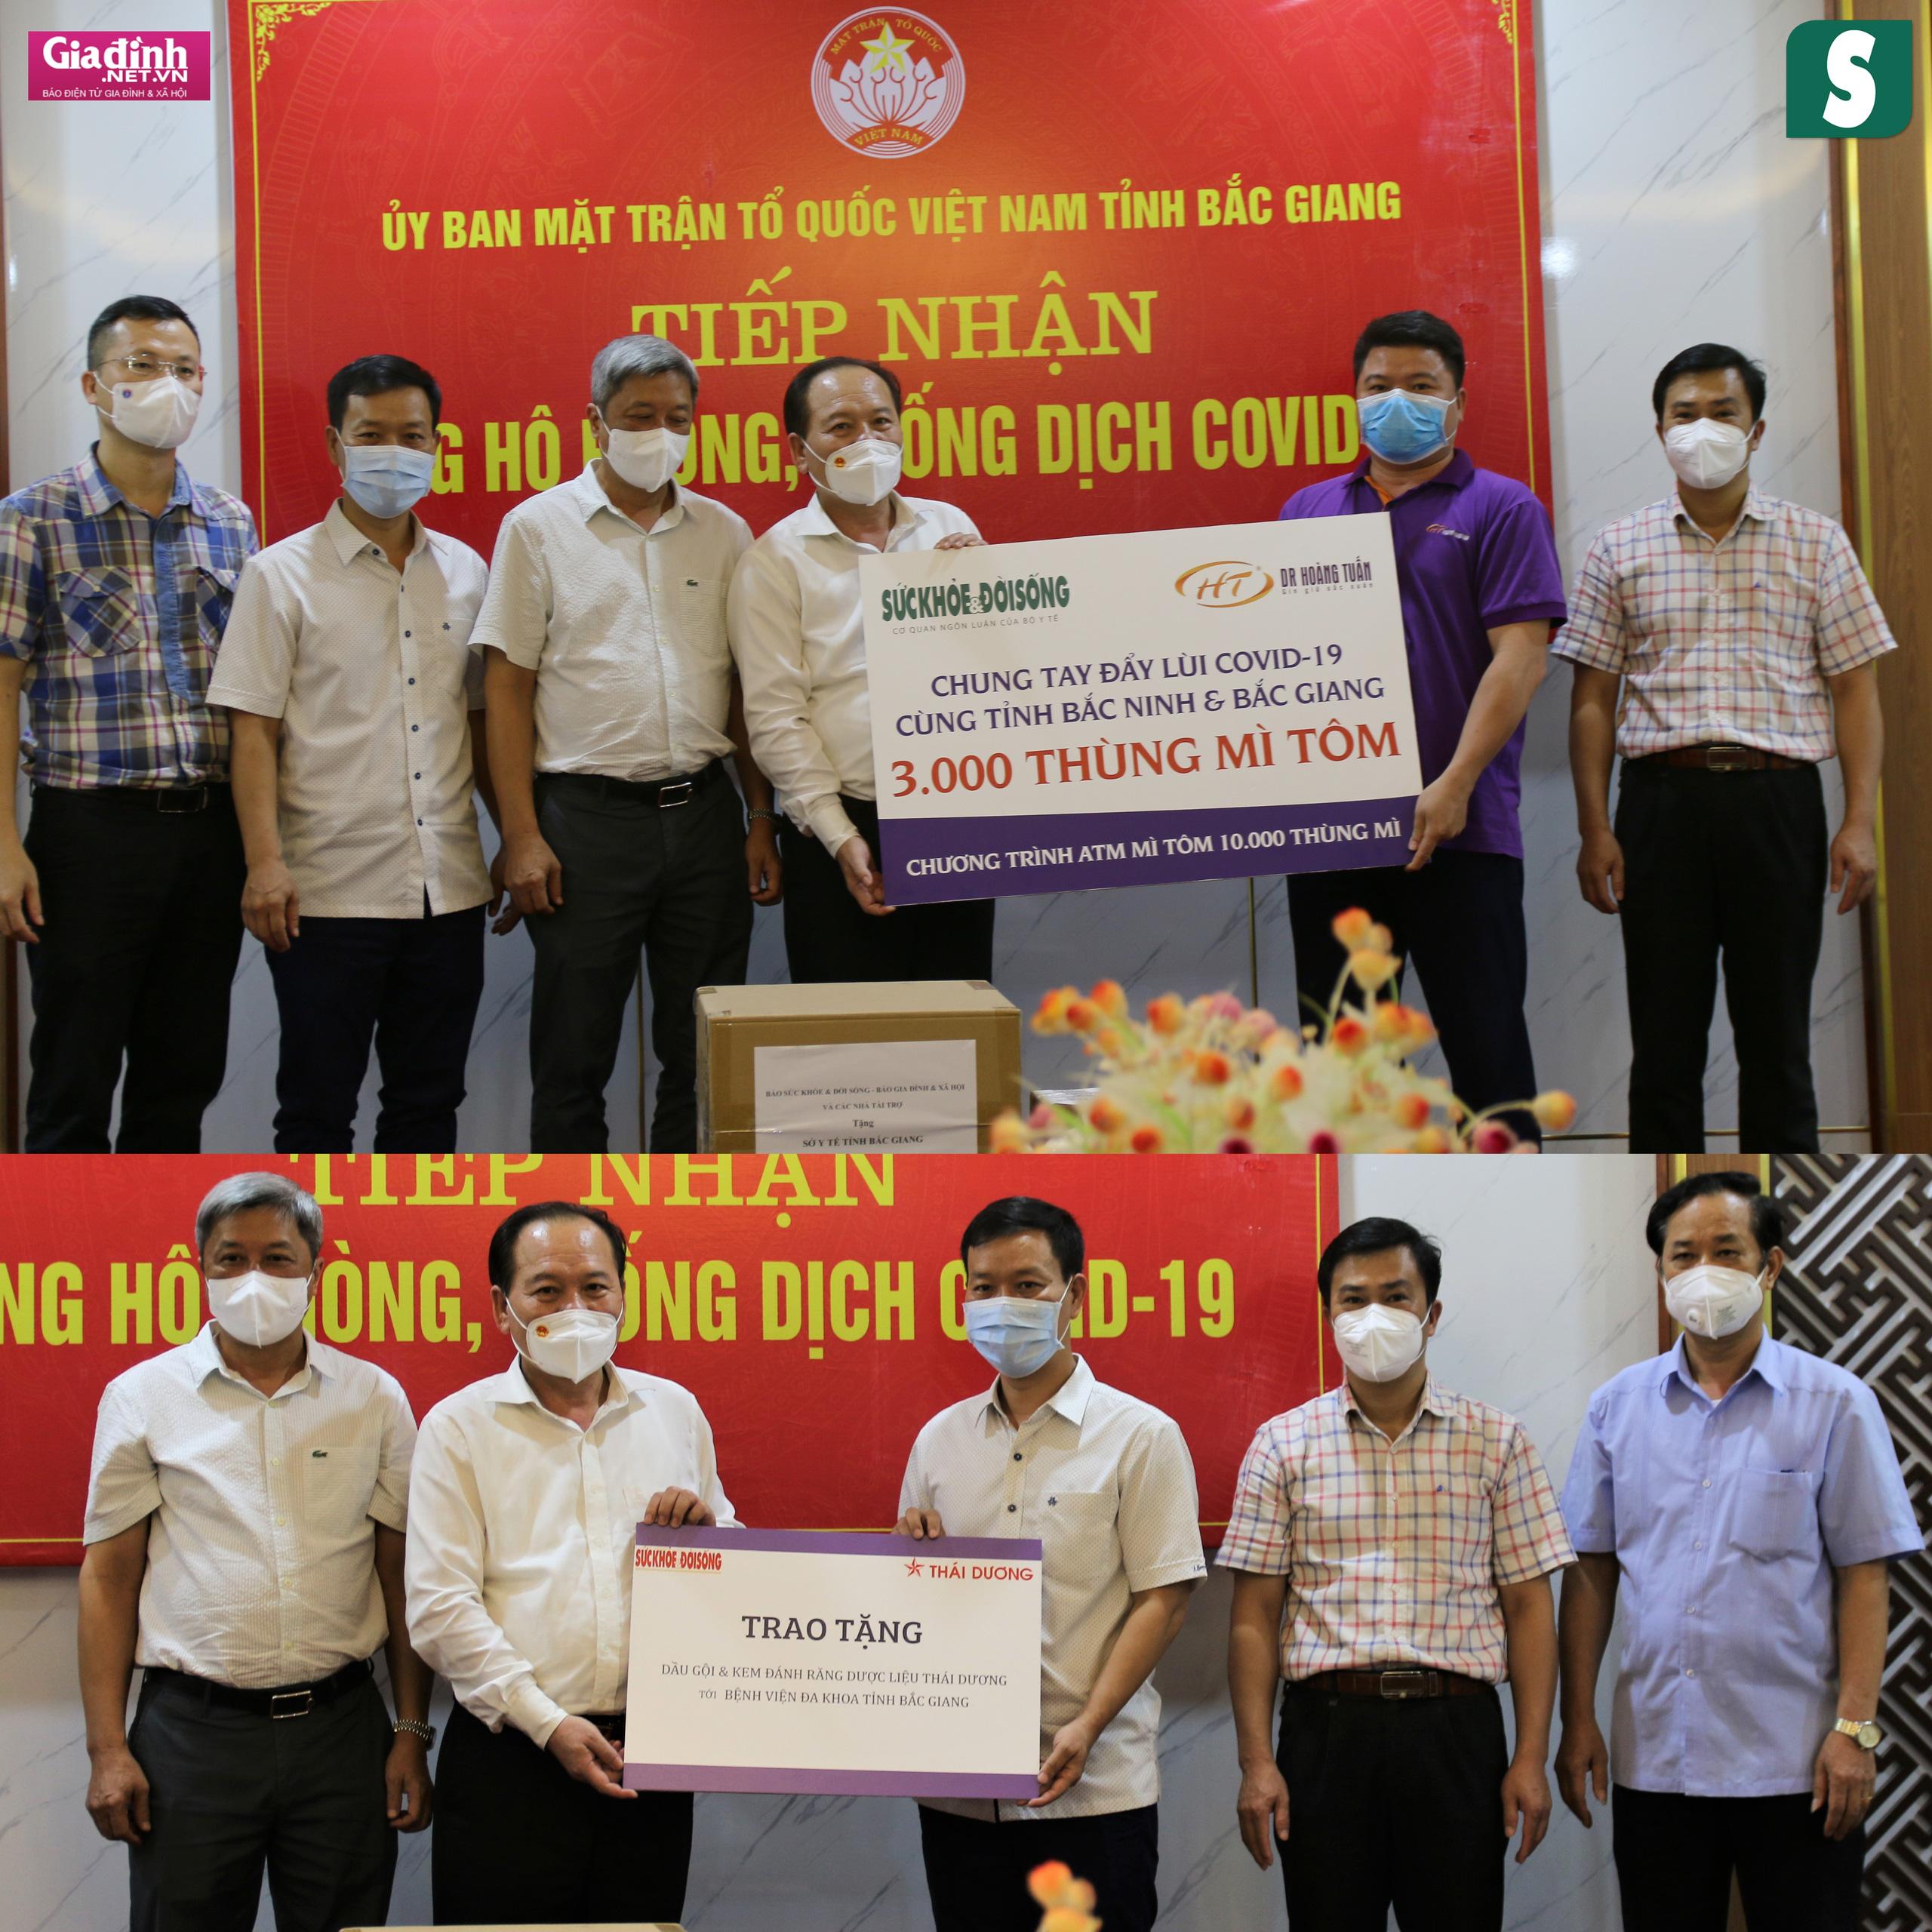 Báo Sức khỏe & Đời sống và Báo Gia đình & Xã hội kêu gọi hơn 1,8 tỷ đồng hỗ trợ Bắc Giang, Bắc Ninh chống dịch - Ảnh 8.